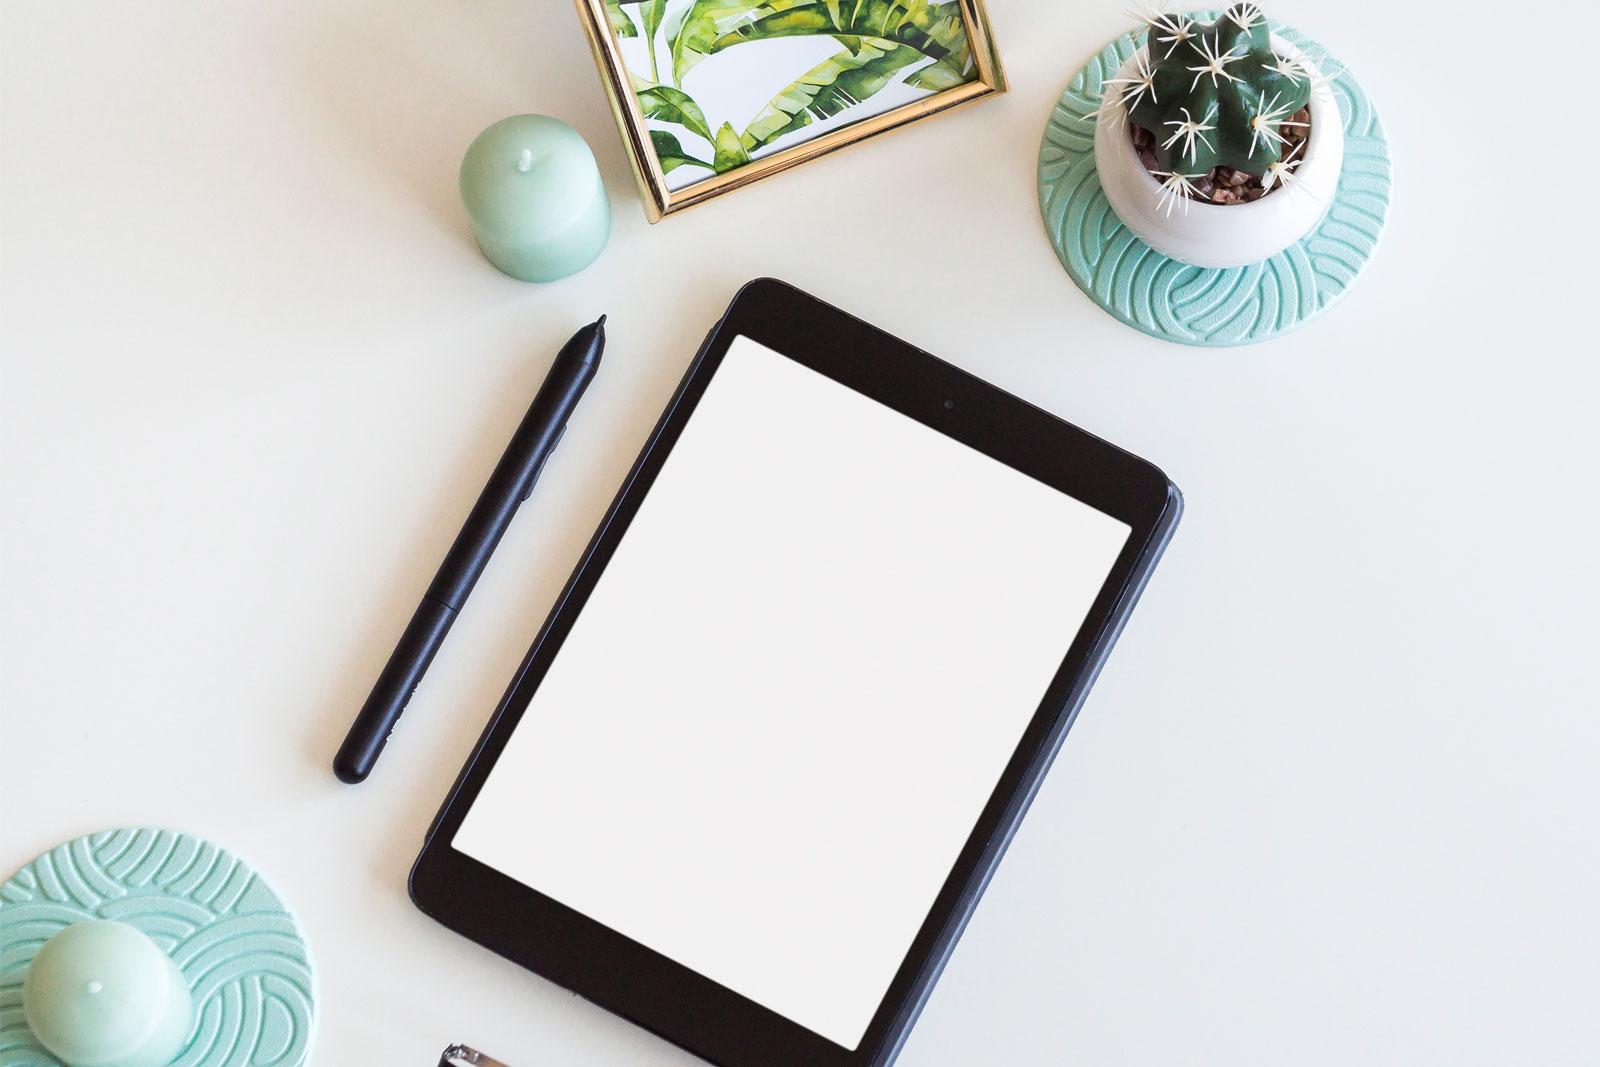 digipen mde mobile datenerfassung digiform digitaler stift digital pen digitalpen